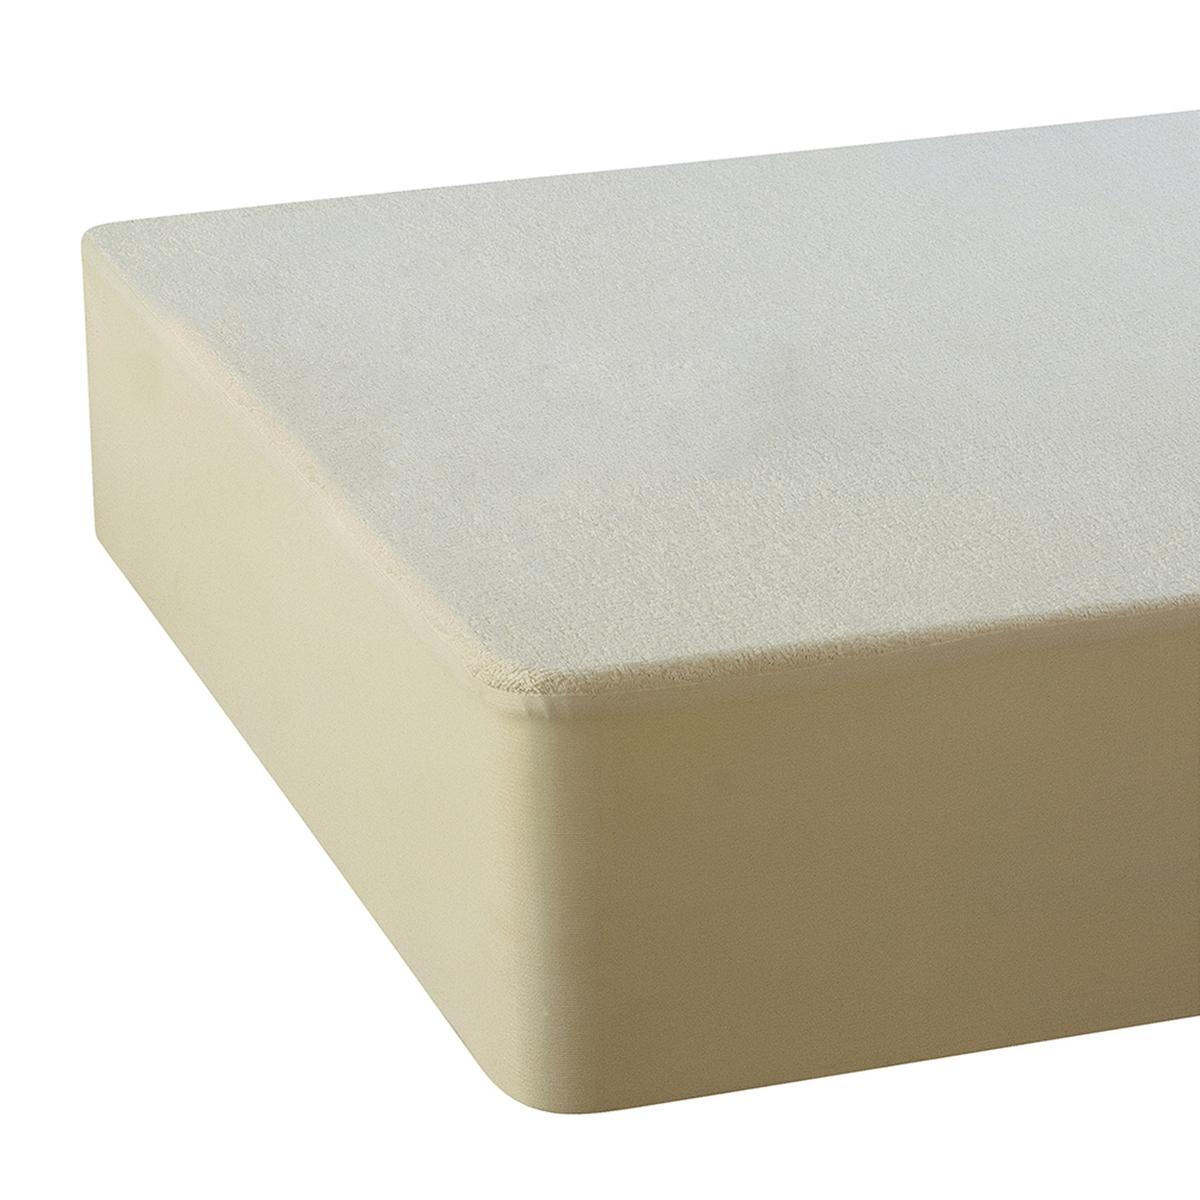 Чехол защитный из непромокаемого мольтона, переработанный хлопок с обработкой Pur Essential® чехол защитный на матрас из мольтона 220 г м²